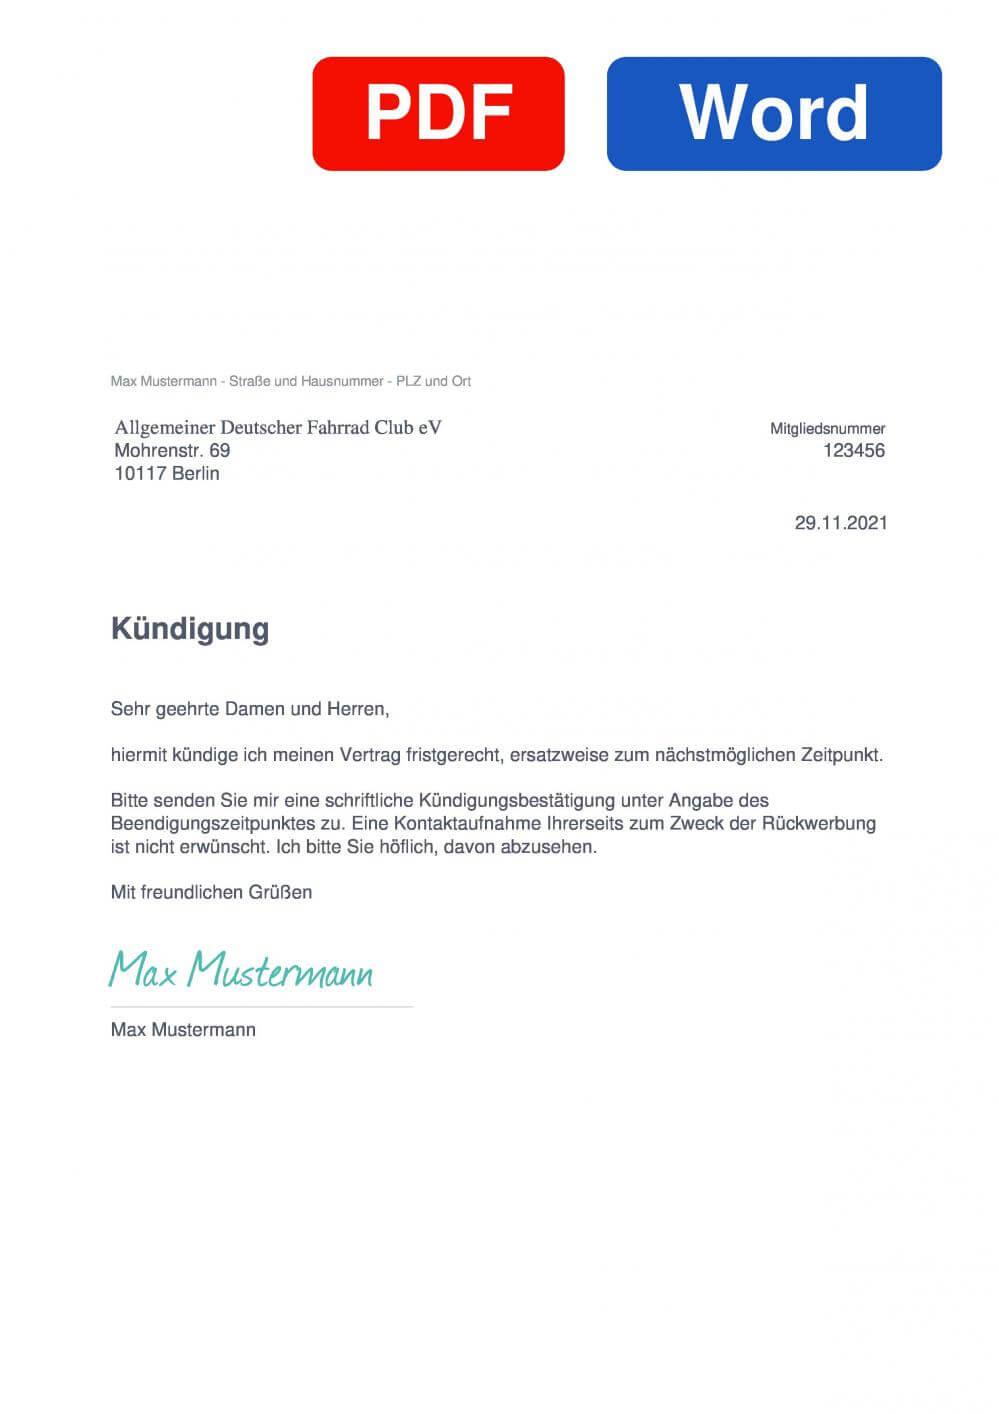 ADFC Muster Vorlage für Kündigungsschreiben